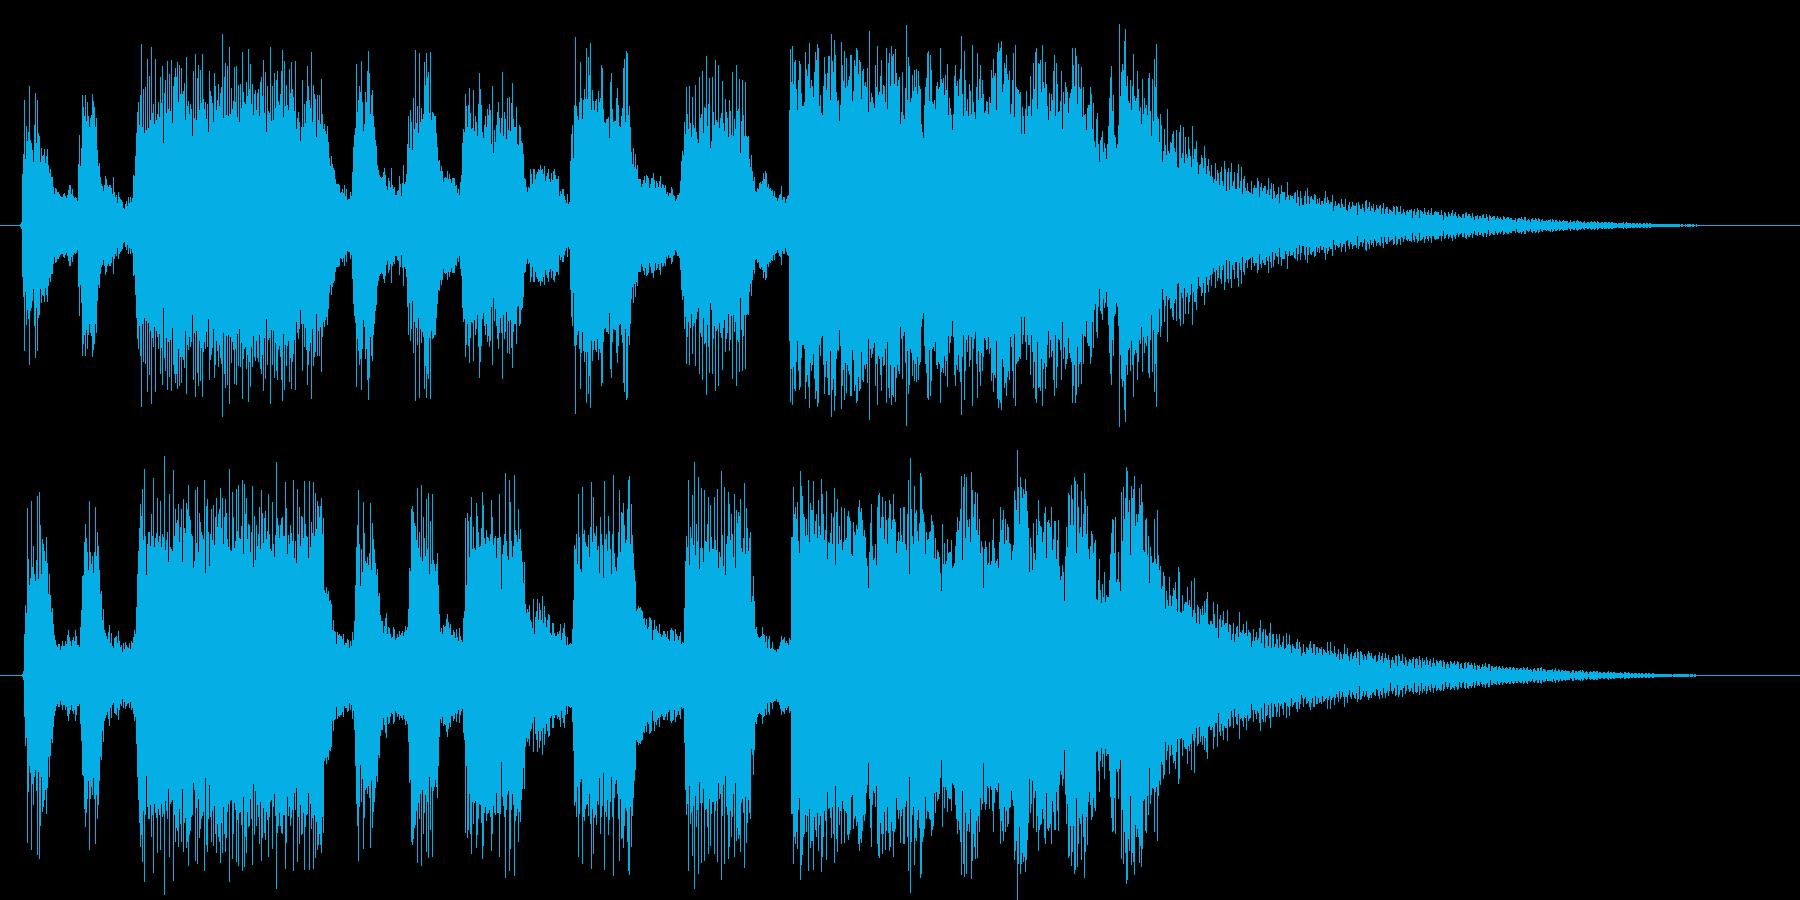 トランペット&トロンボーンファンファーレの再生済みの波形